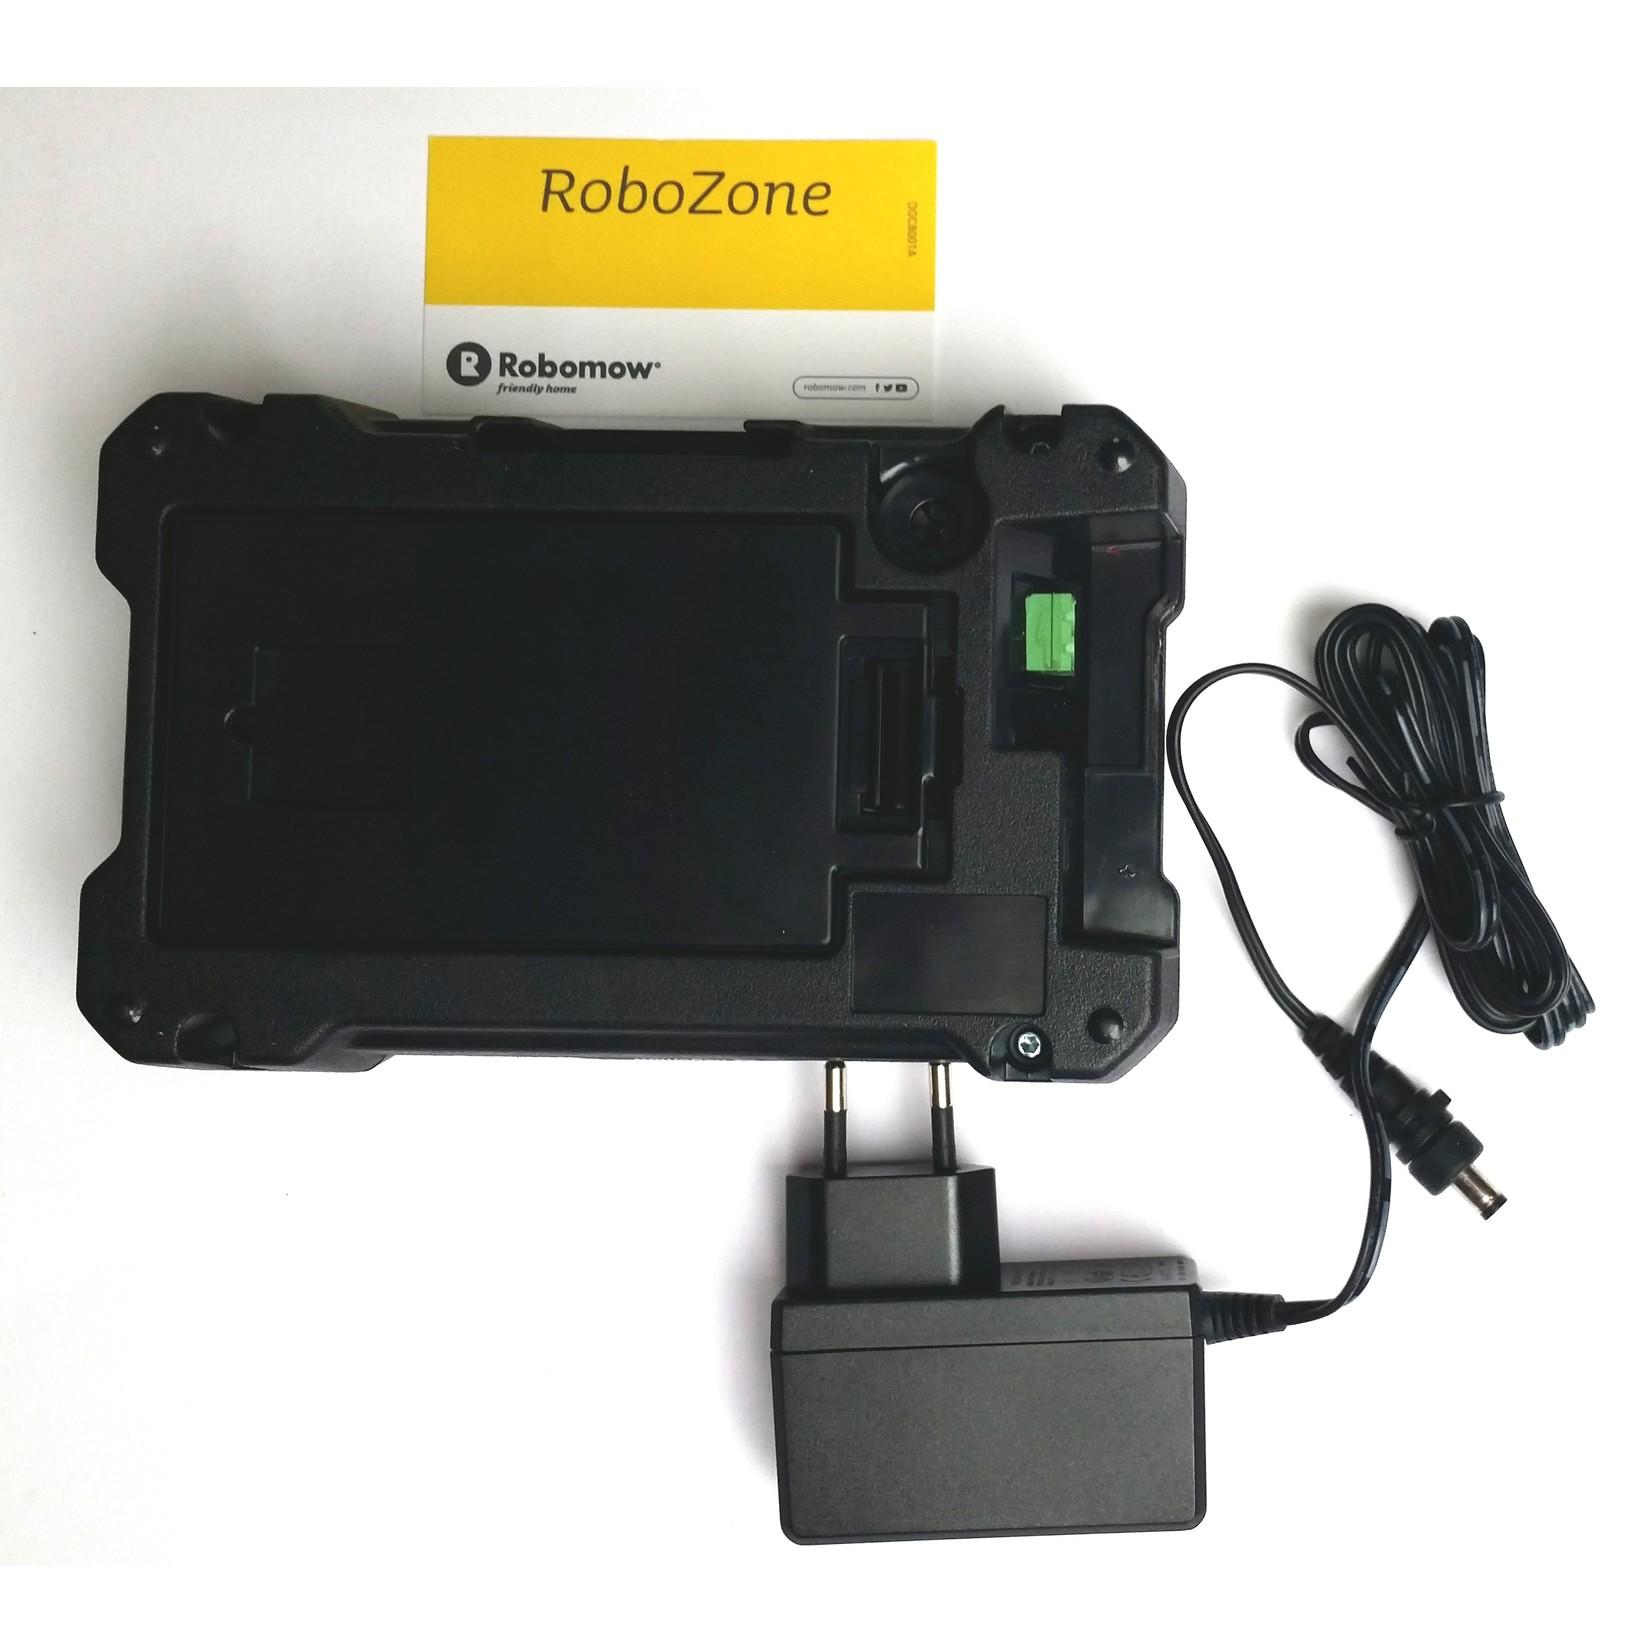 Robomow Robomow 122-024-619 Robozone  Signalgeber für RX/RC/RS Modelle  mit Netzteil